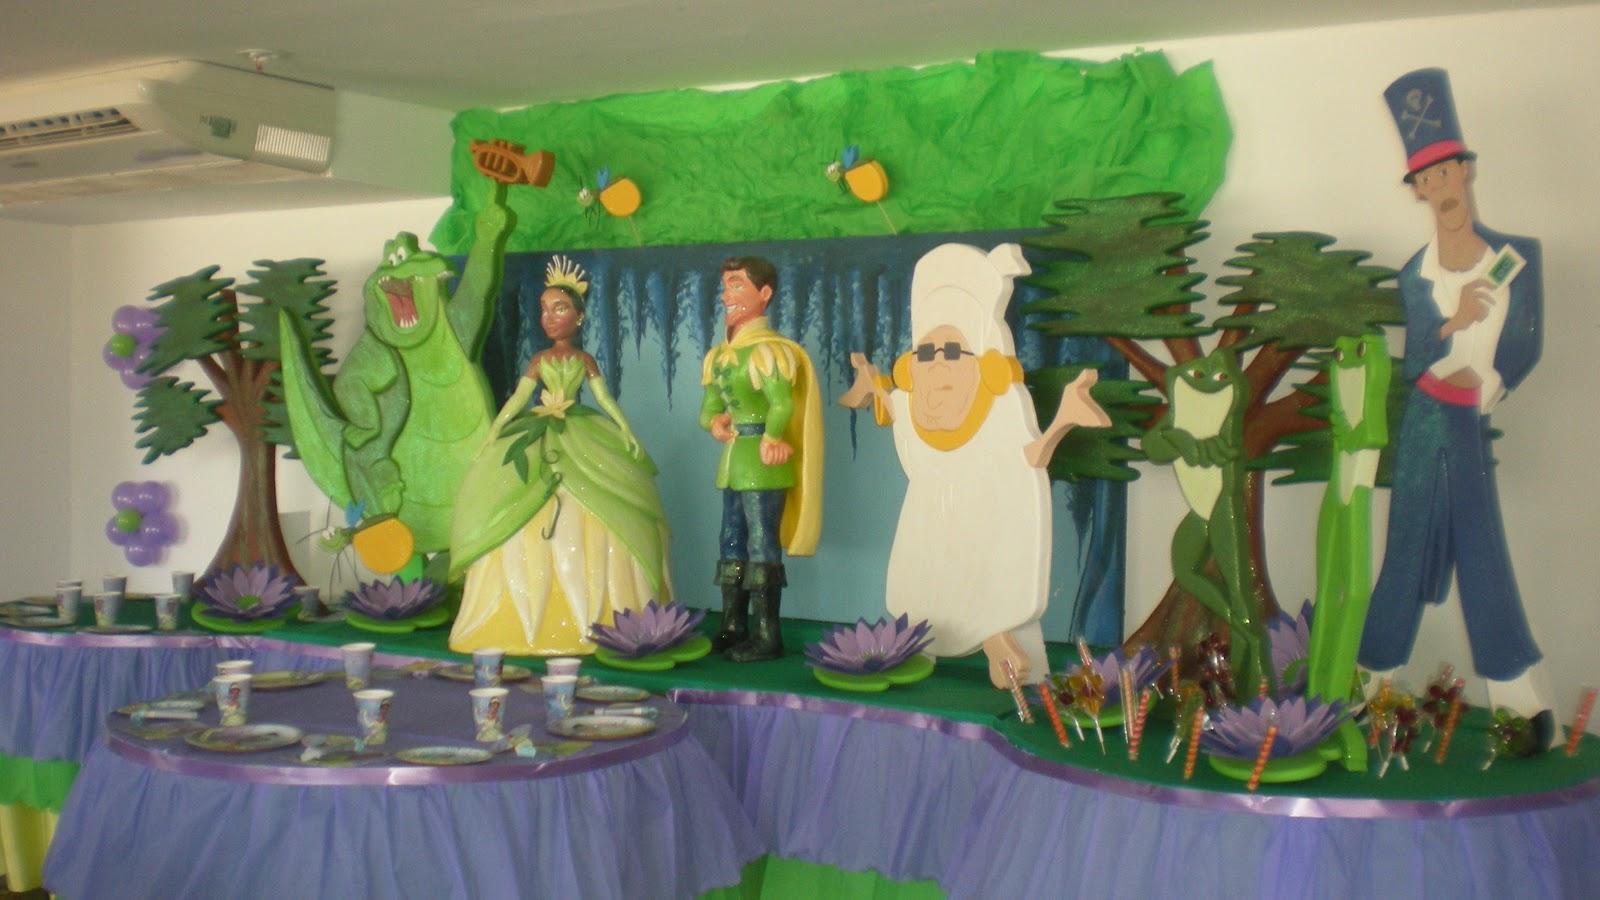 Decoracion tortas y mucho mas decoracion la princesa - Decoracion para foto ...